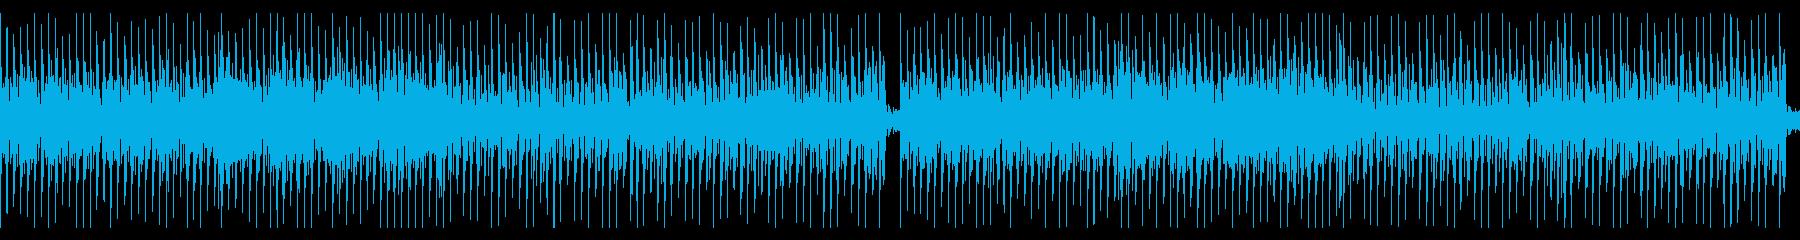 【ニュース】ニュース番組向け分析・解説Bの再生済みの波形